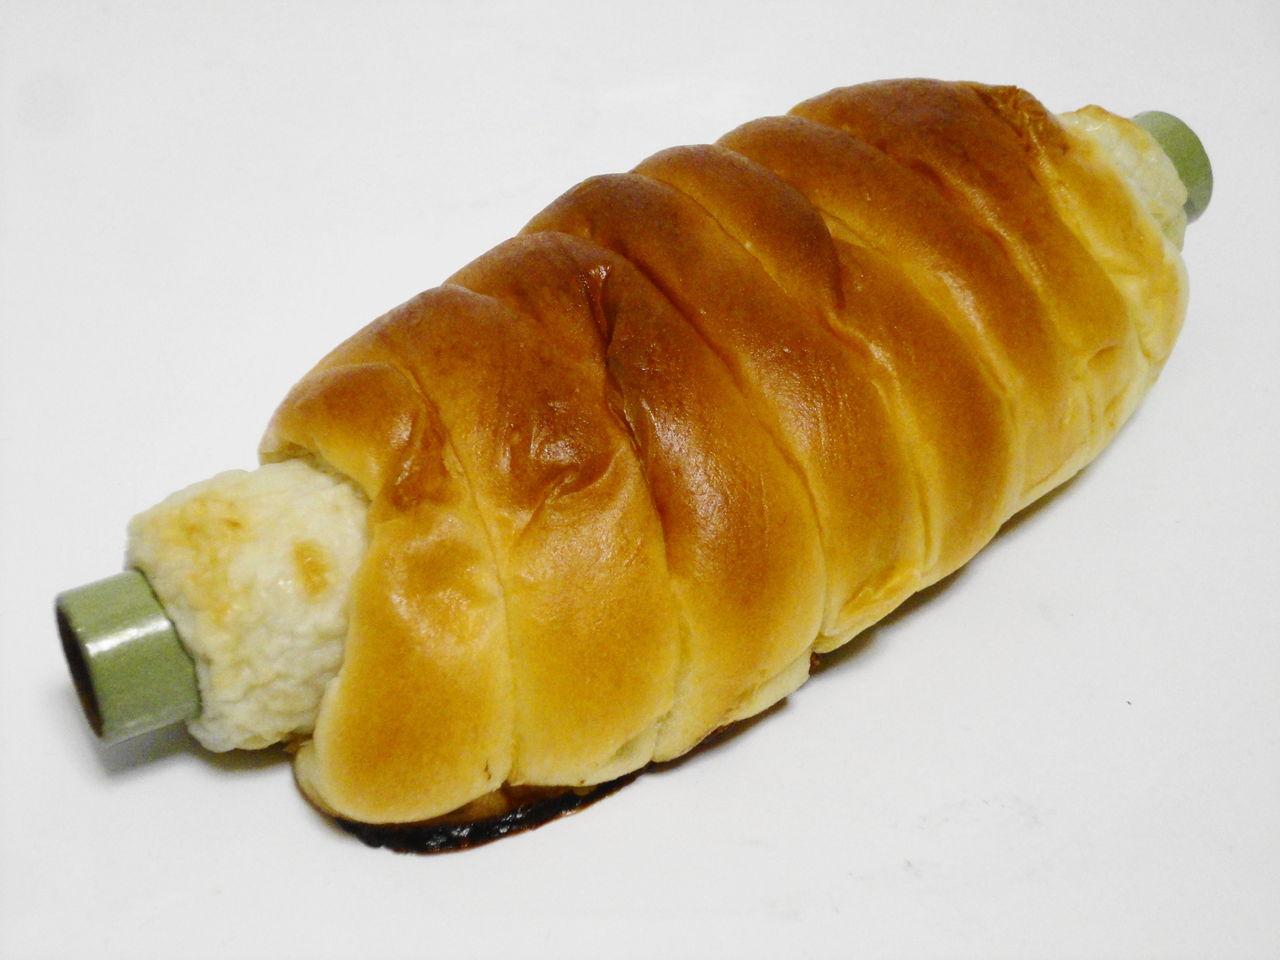 【パン】ちくわパン                philly